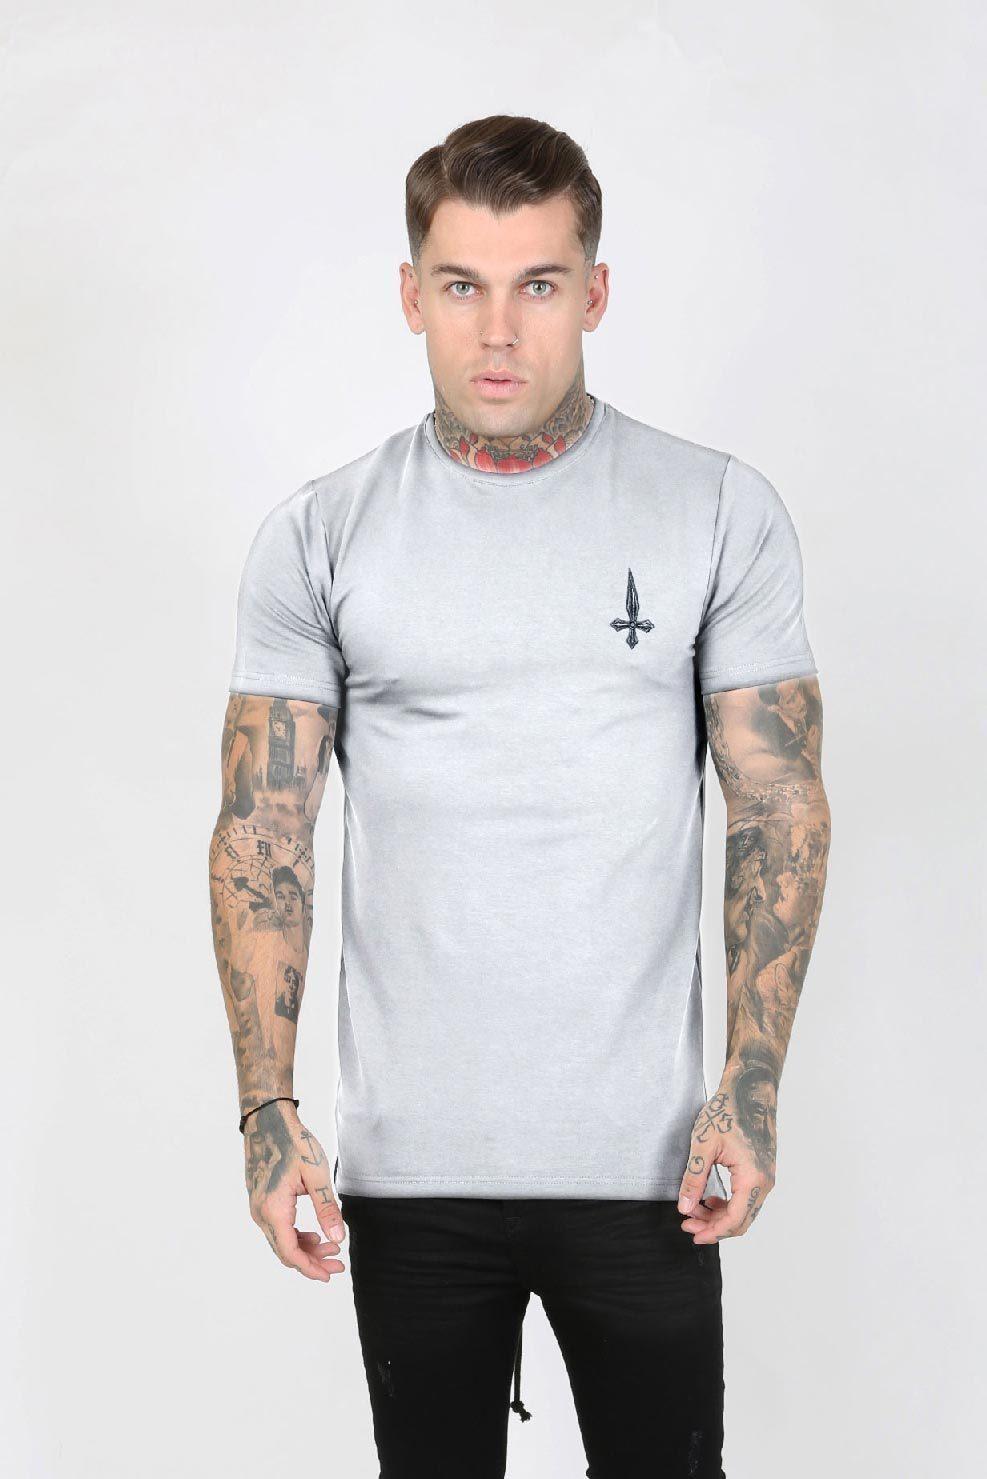 Parka Hem Men's T-Shirt - Grey, Small